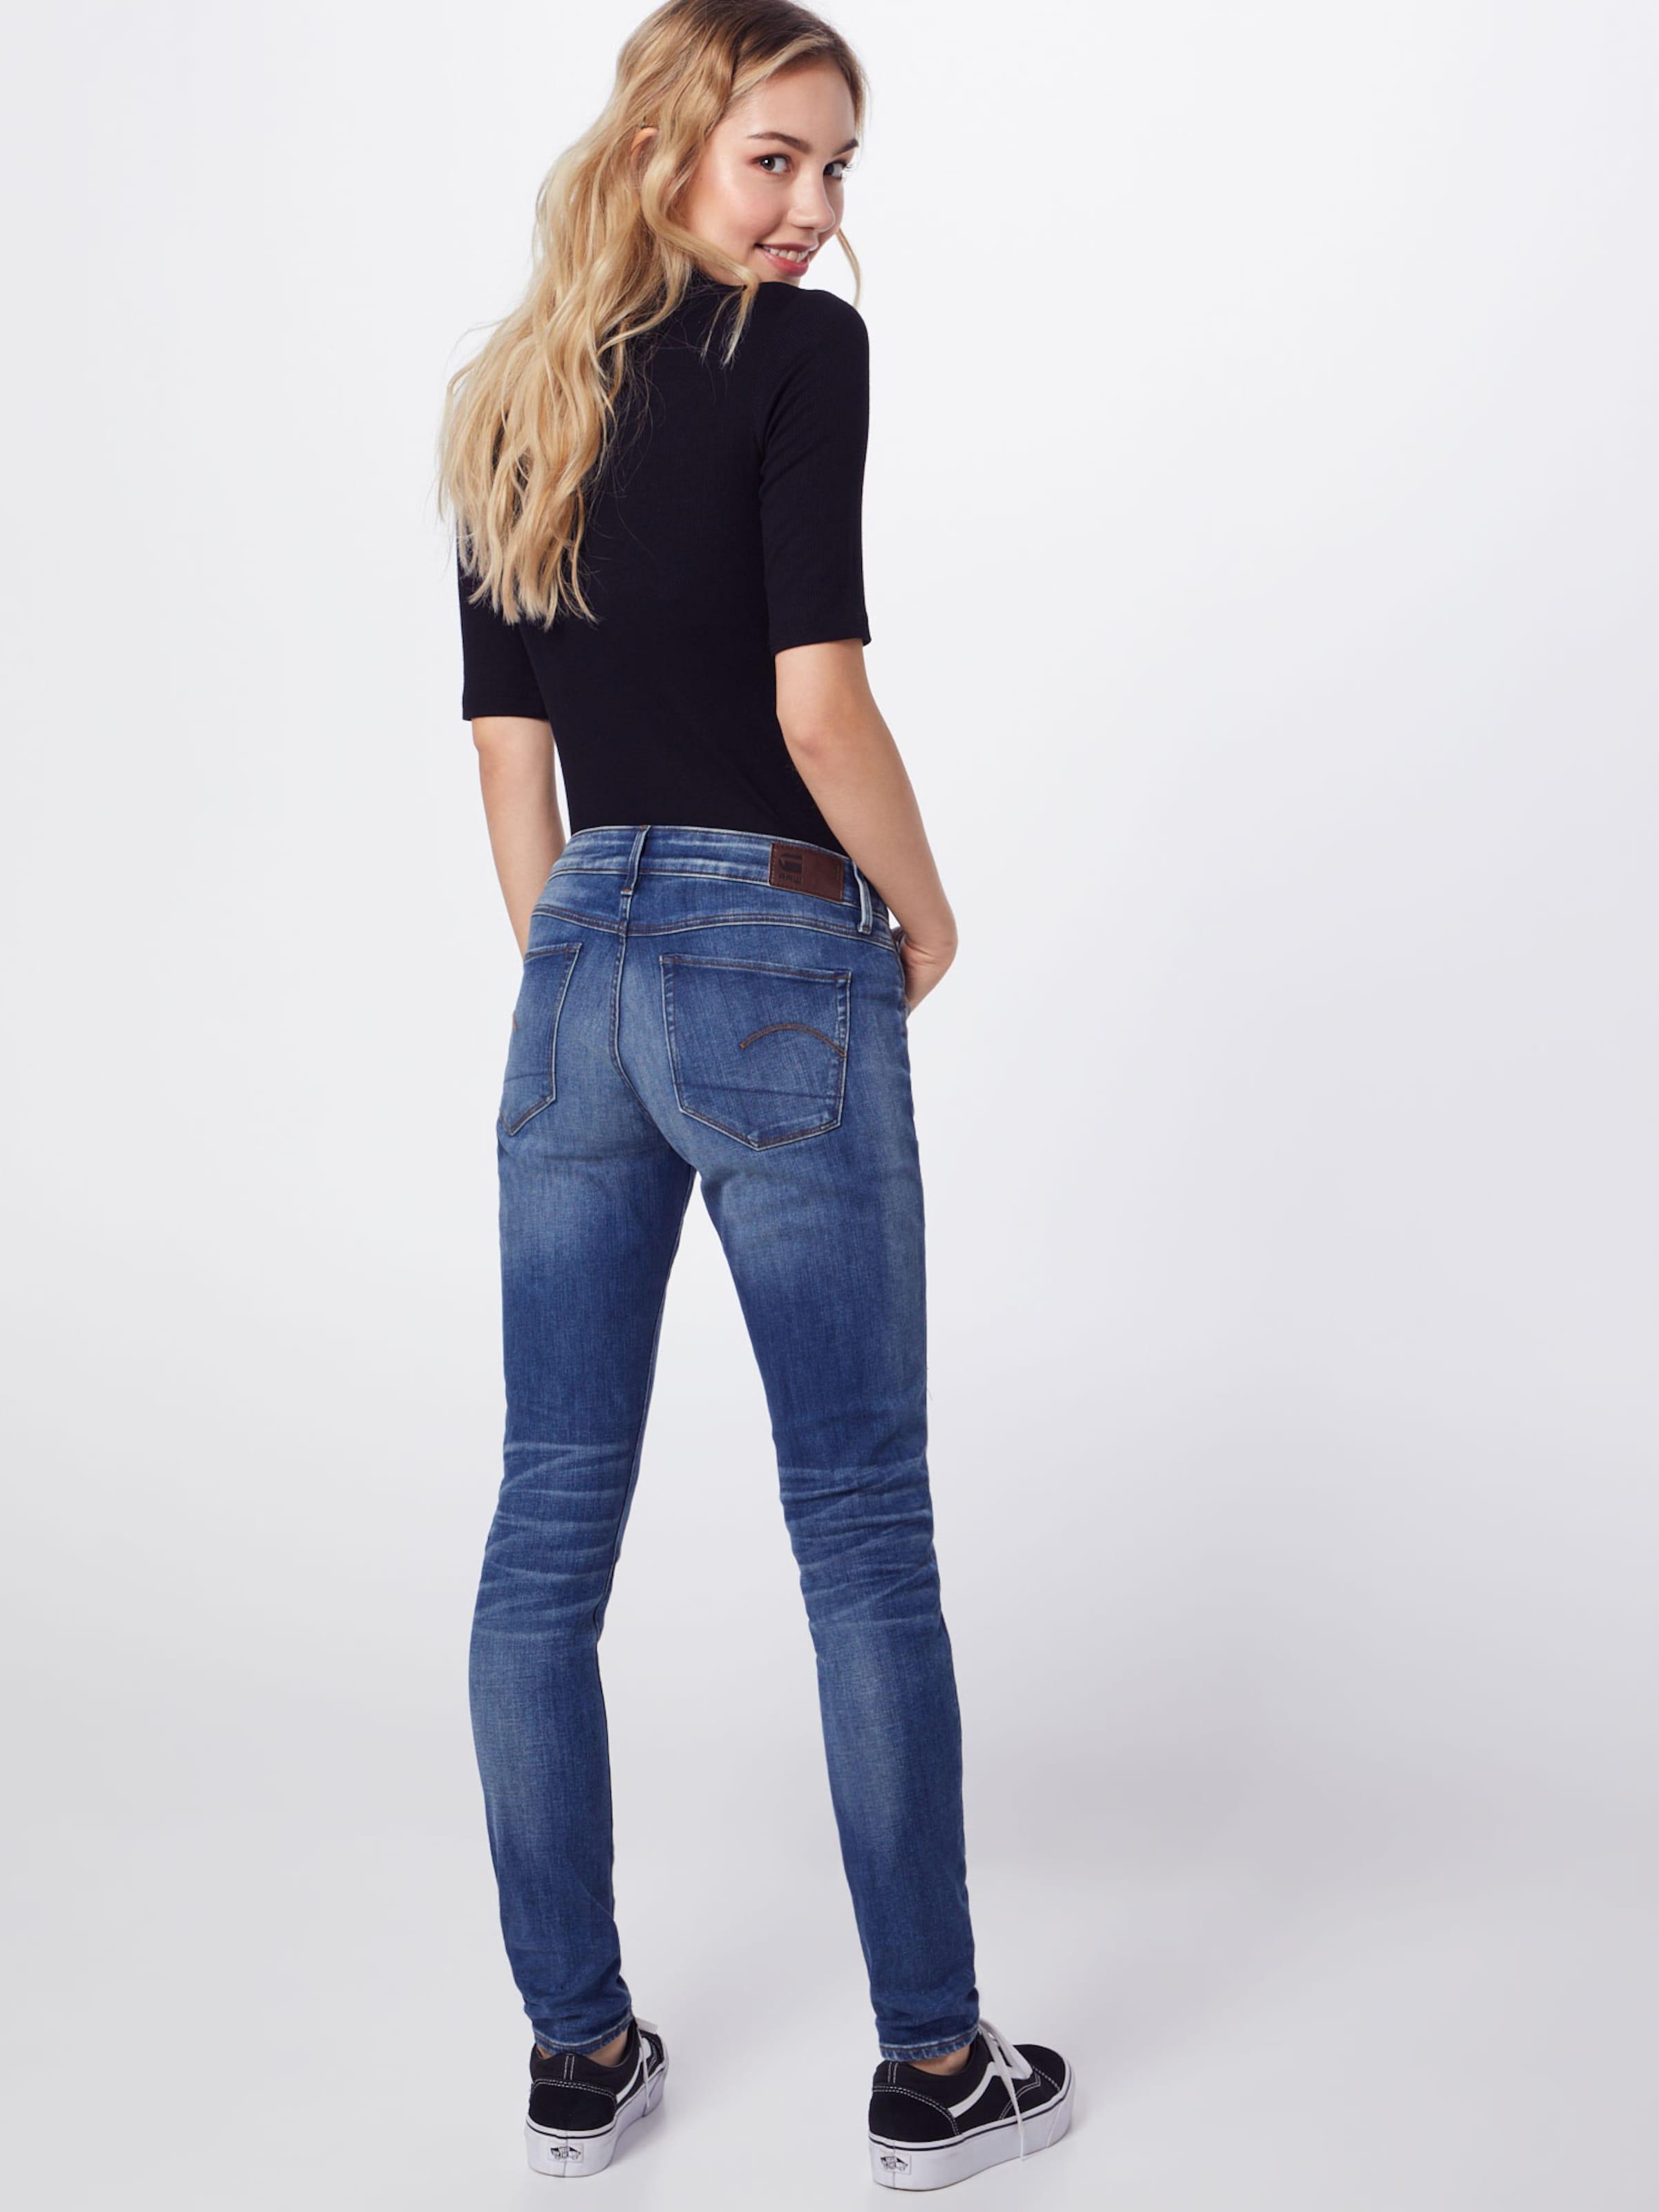 G star Denim Blue Jeans In Raw vIYbgf7y6